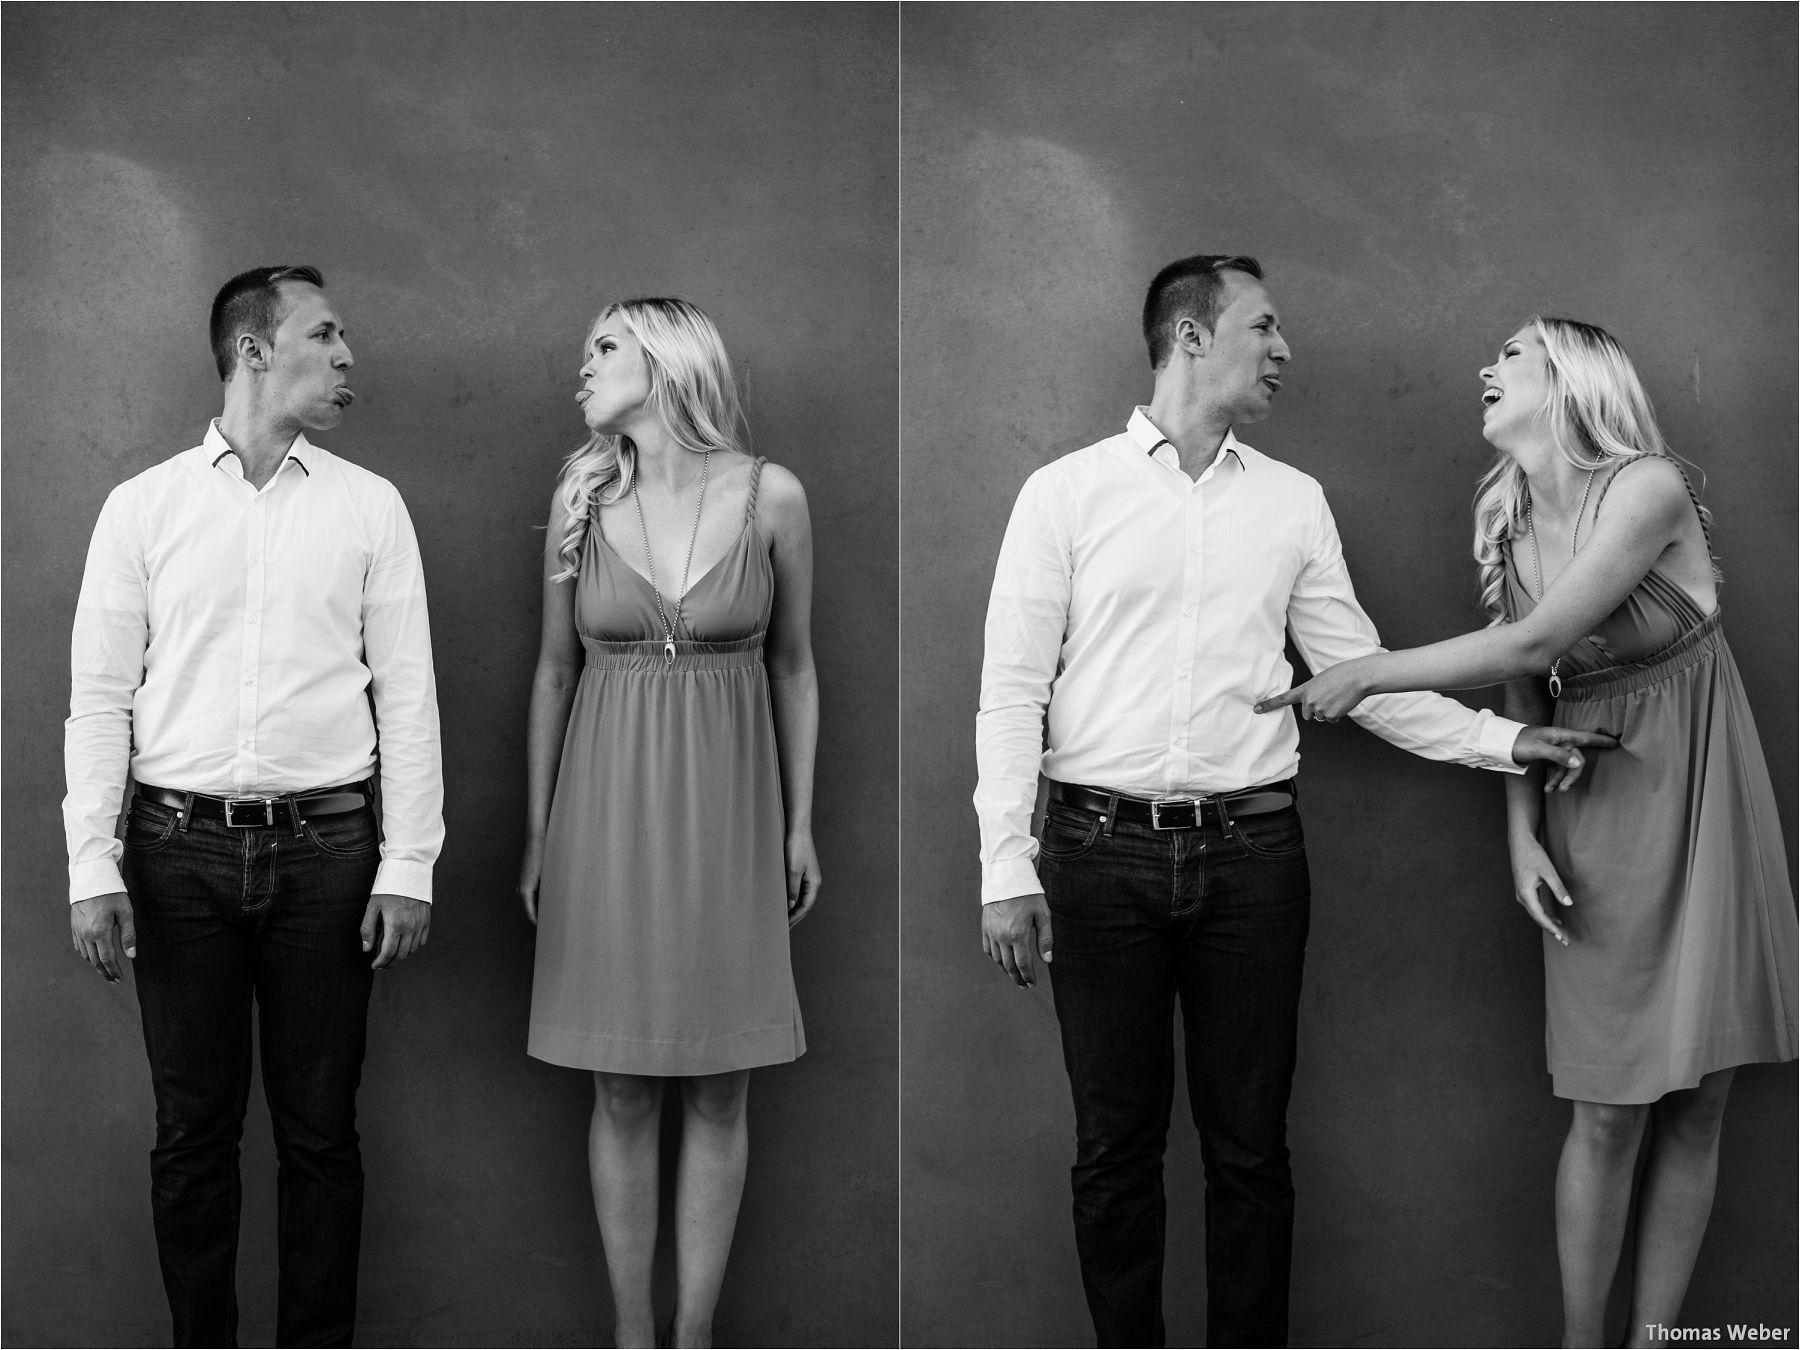 Hochzeitsfotograf Thomas Weber aus Oldenburg: Engagement-Fotos und Paarfotos eines angehenden Hochzeitspaares